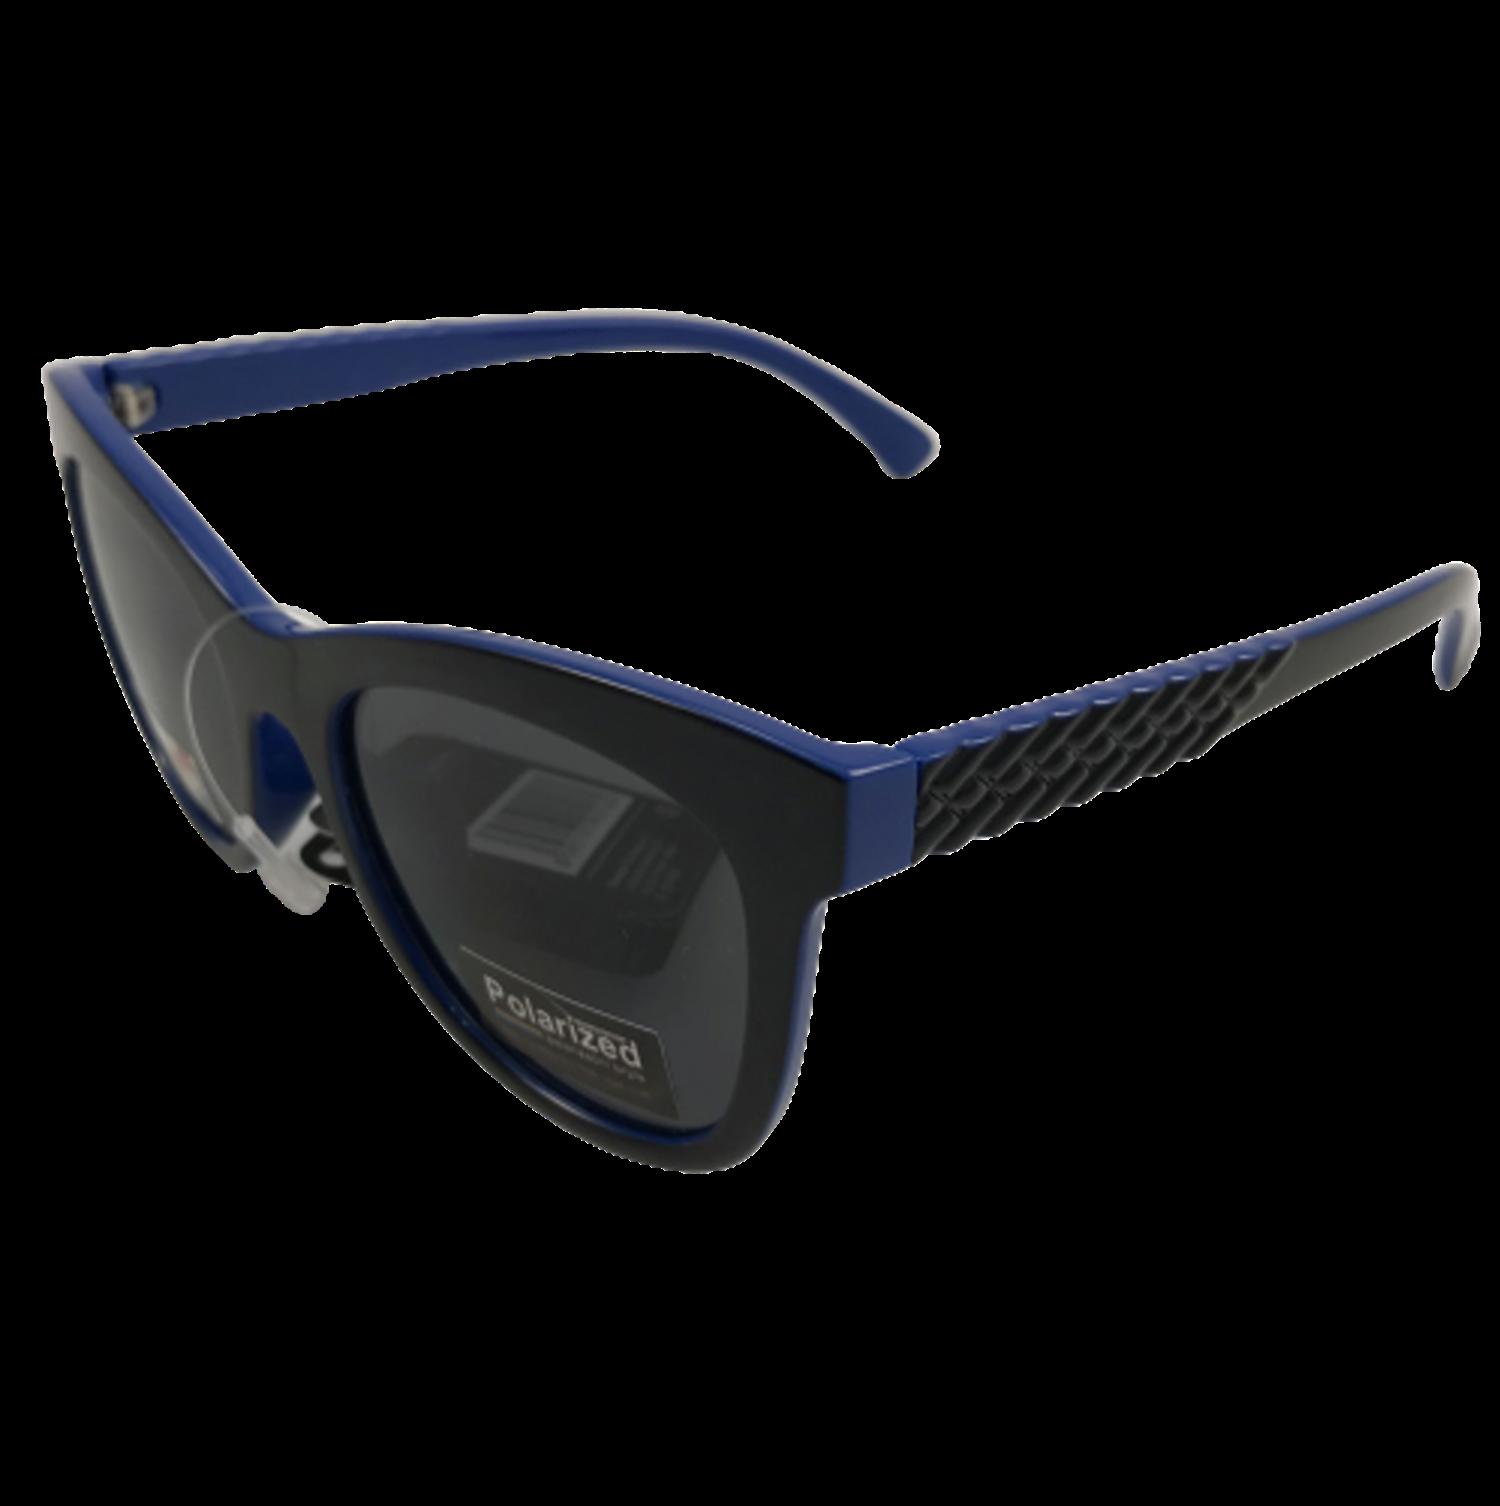 Polarized Brýle polarizační modročerné K7308P-mč